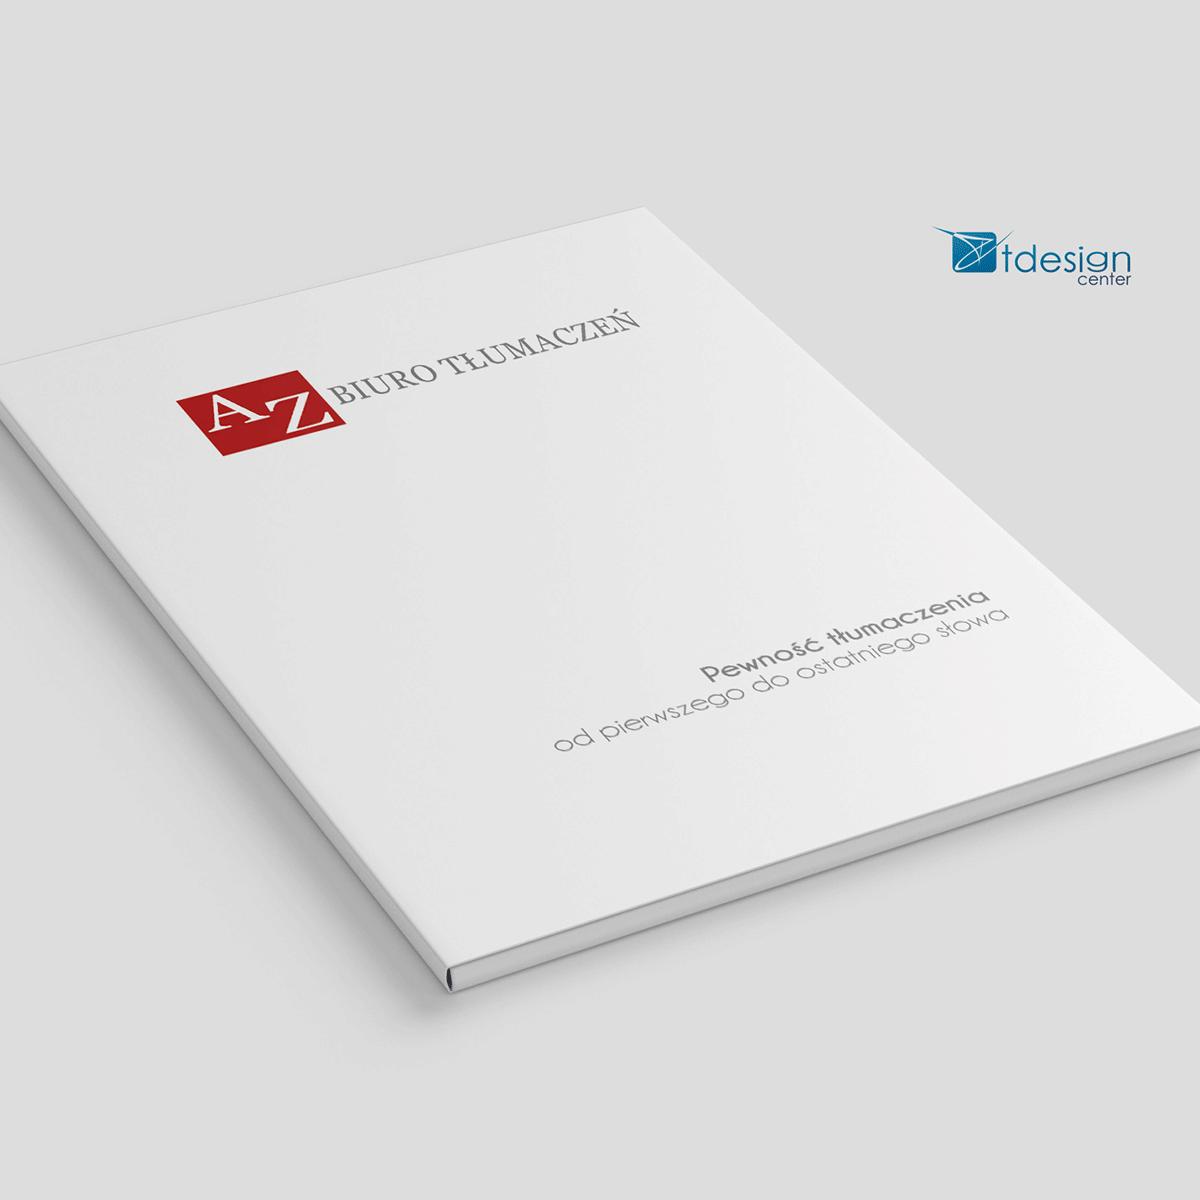 Teczka A4, projekt + druk, realizacja dla biura tłumaczeń AZ